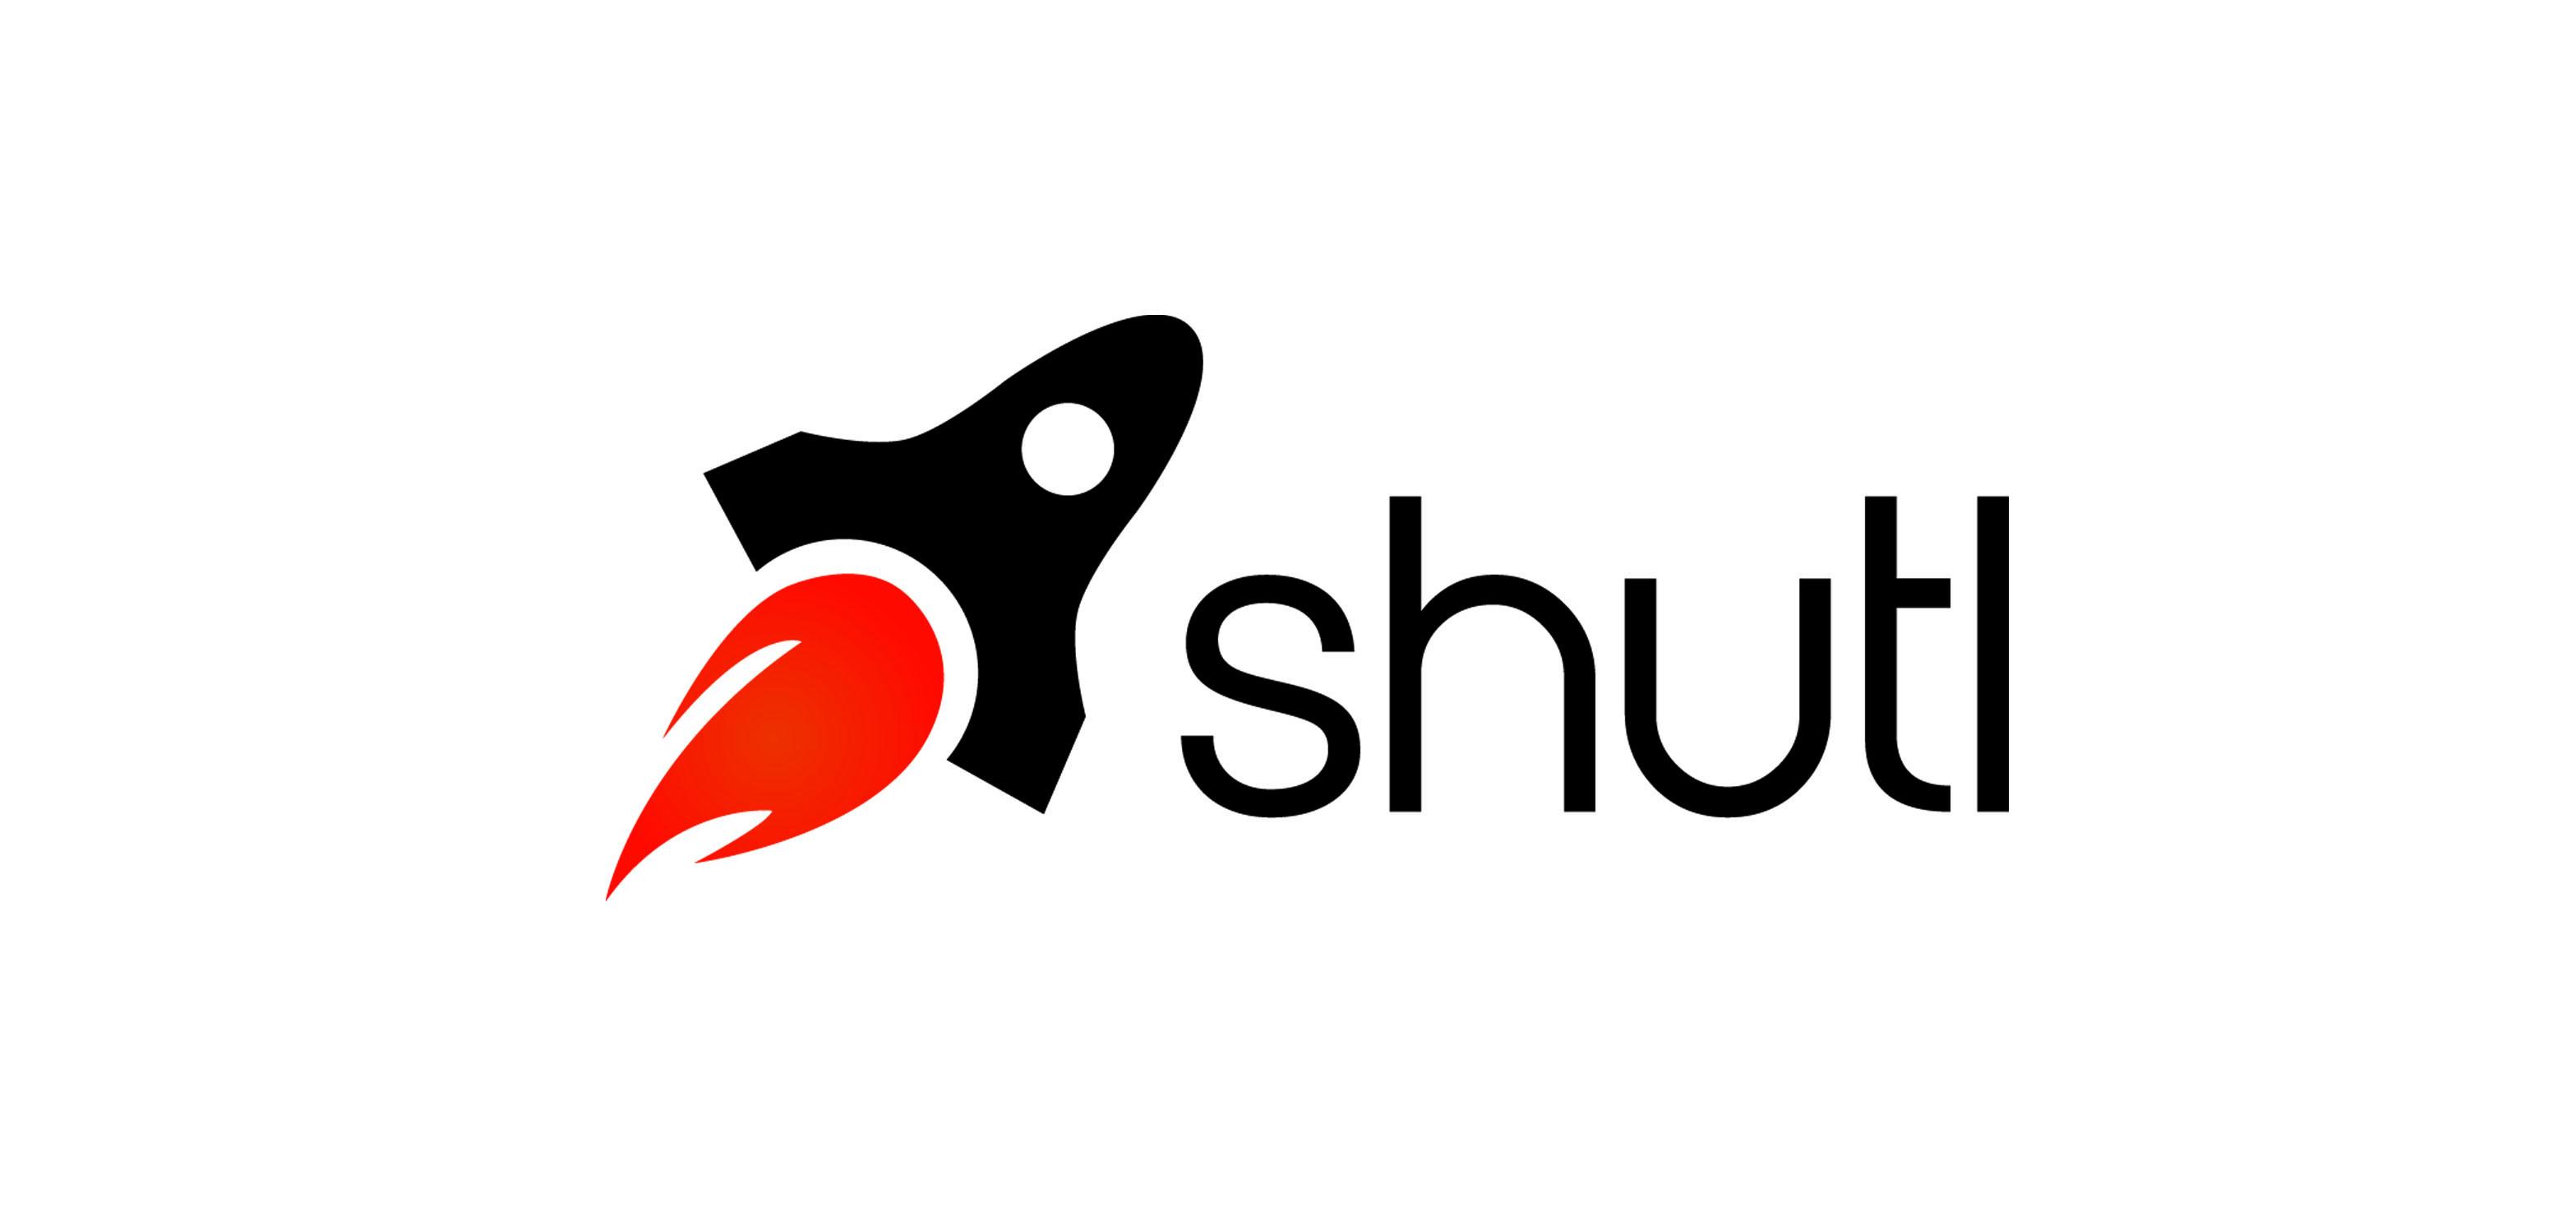 Shutl rockets into international markets